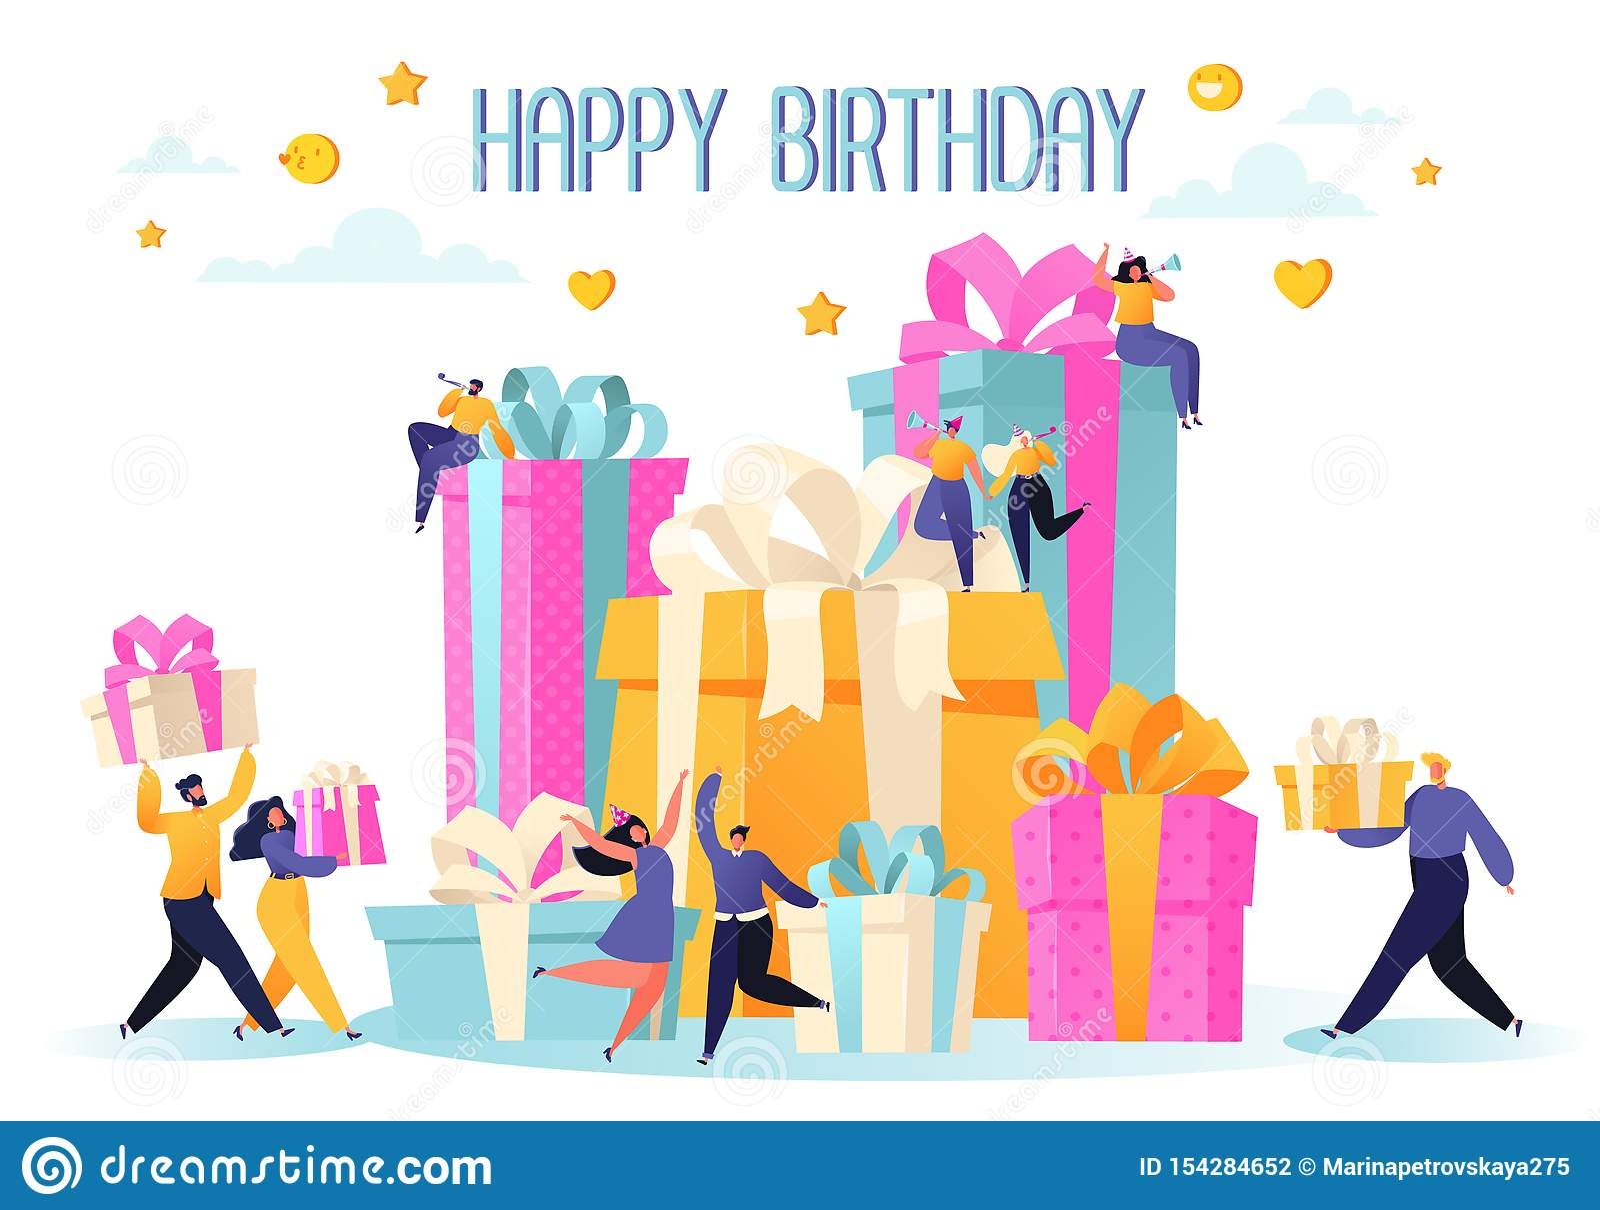 生日快乐与朋友的生日聚会庆祝 人们运载礼物,并且一个大蛋糕,吹他们的口哨,跳舞和庆祝hol